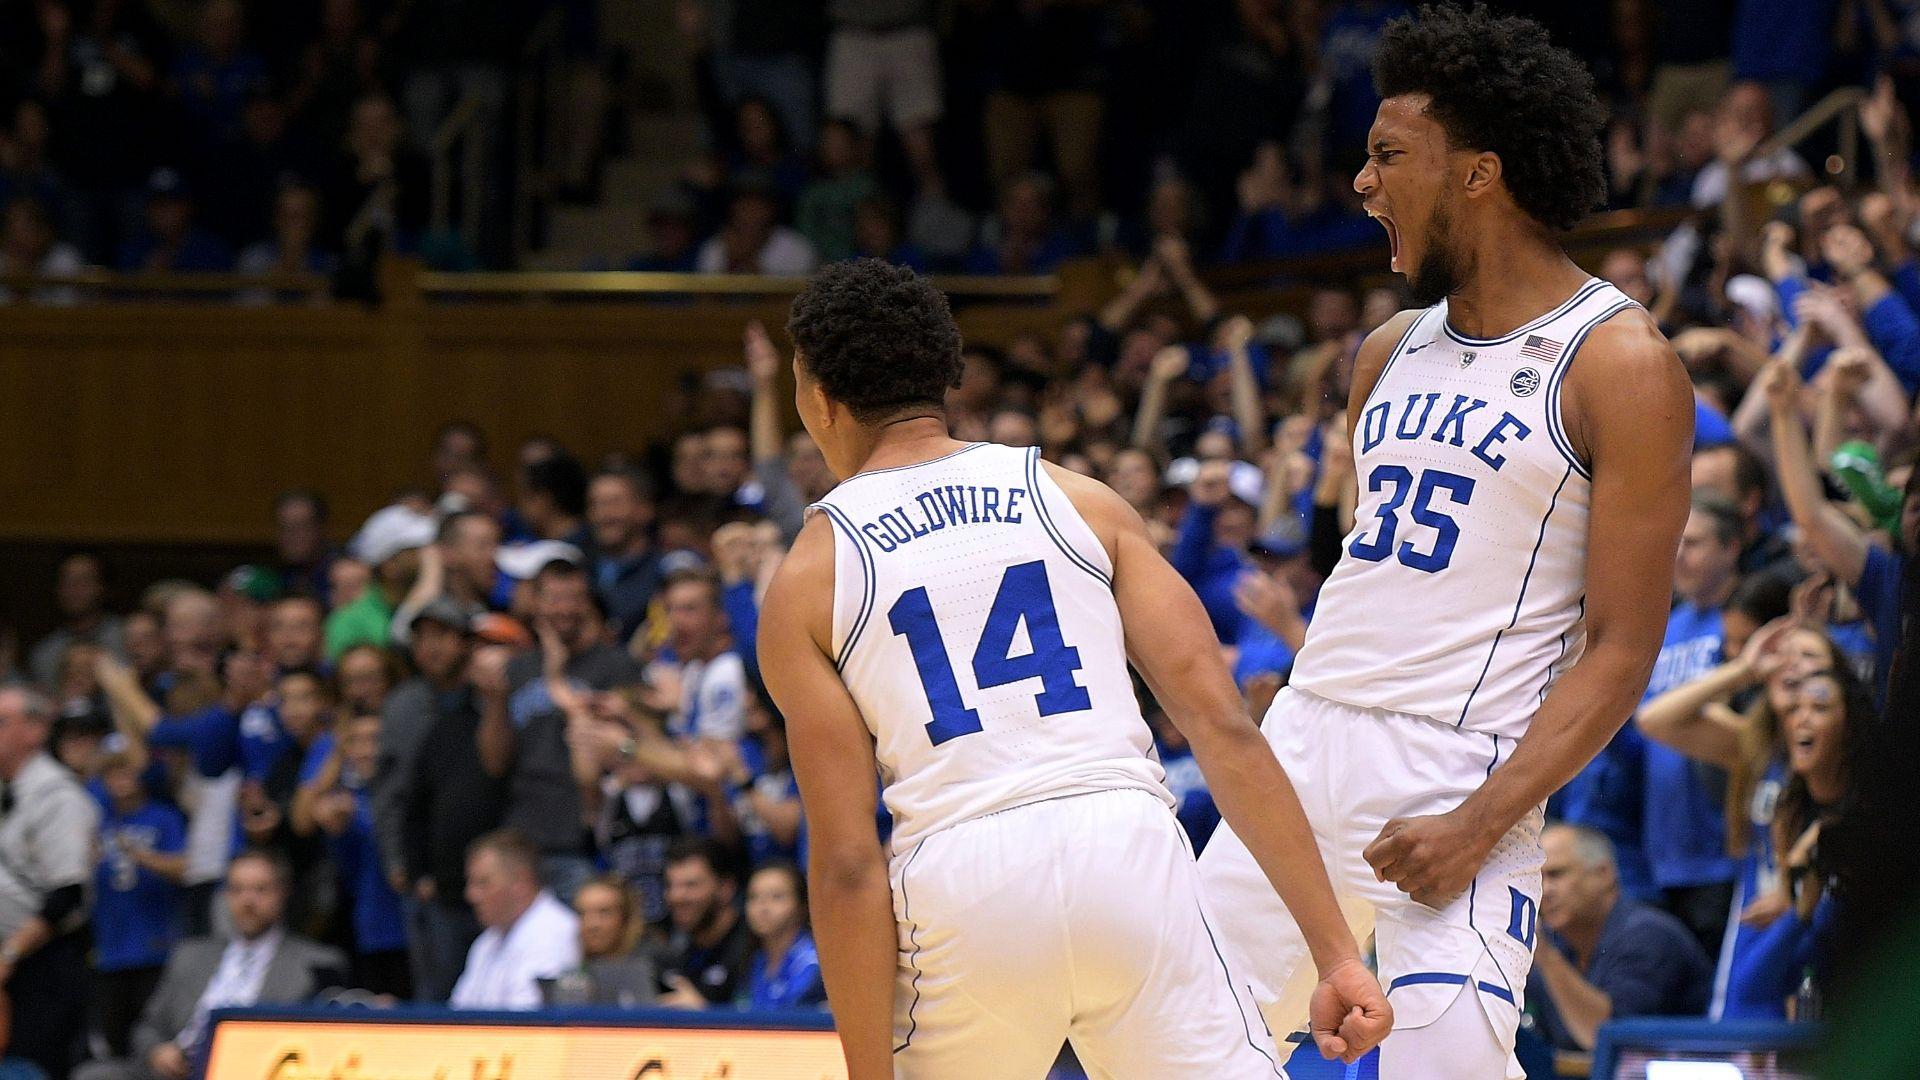 Duke cruises behind Bagley's big game